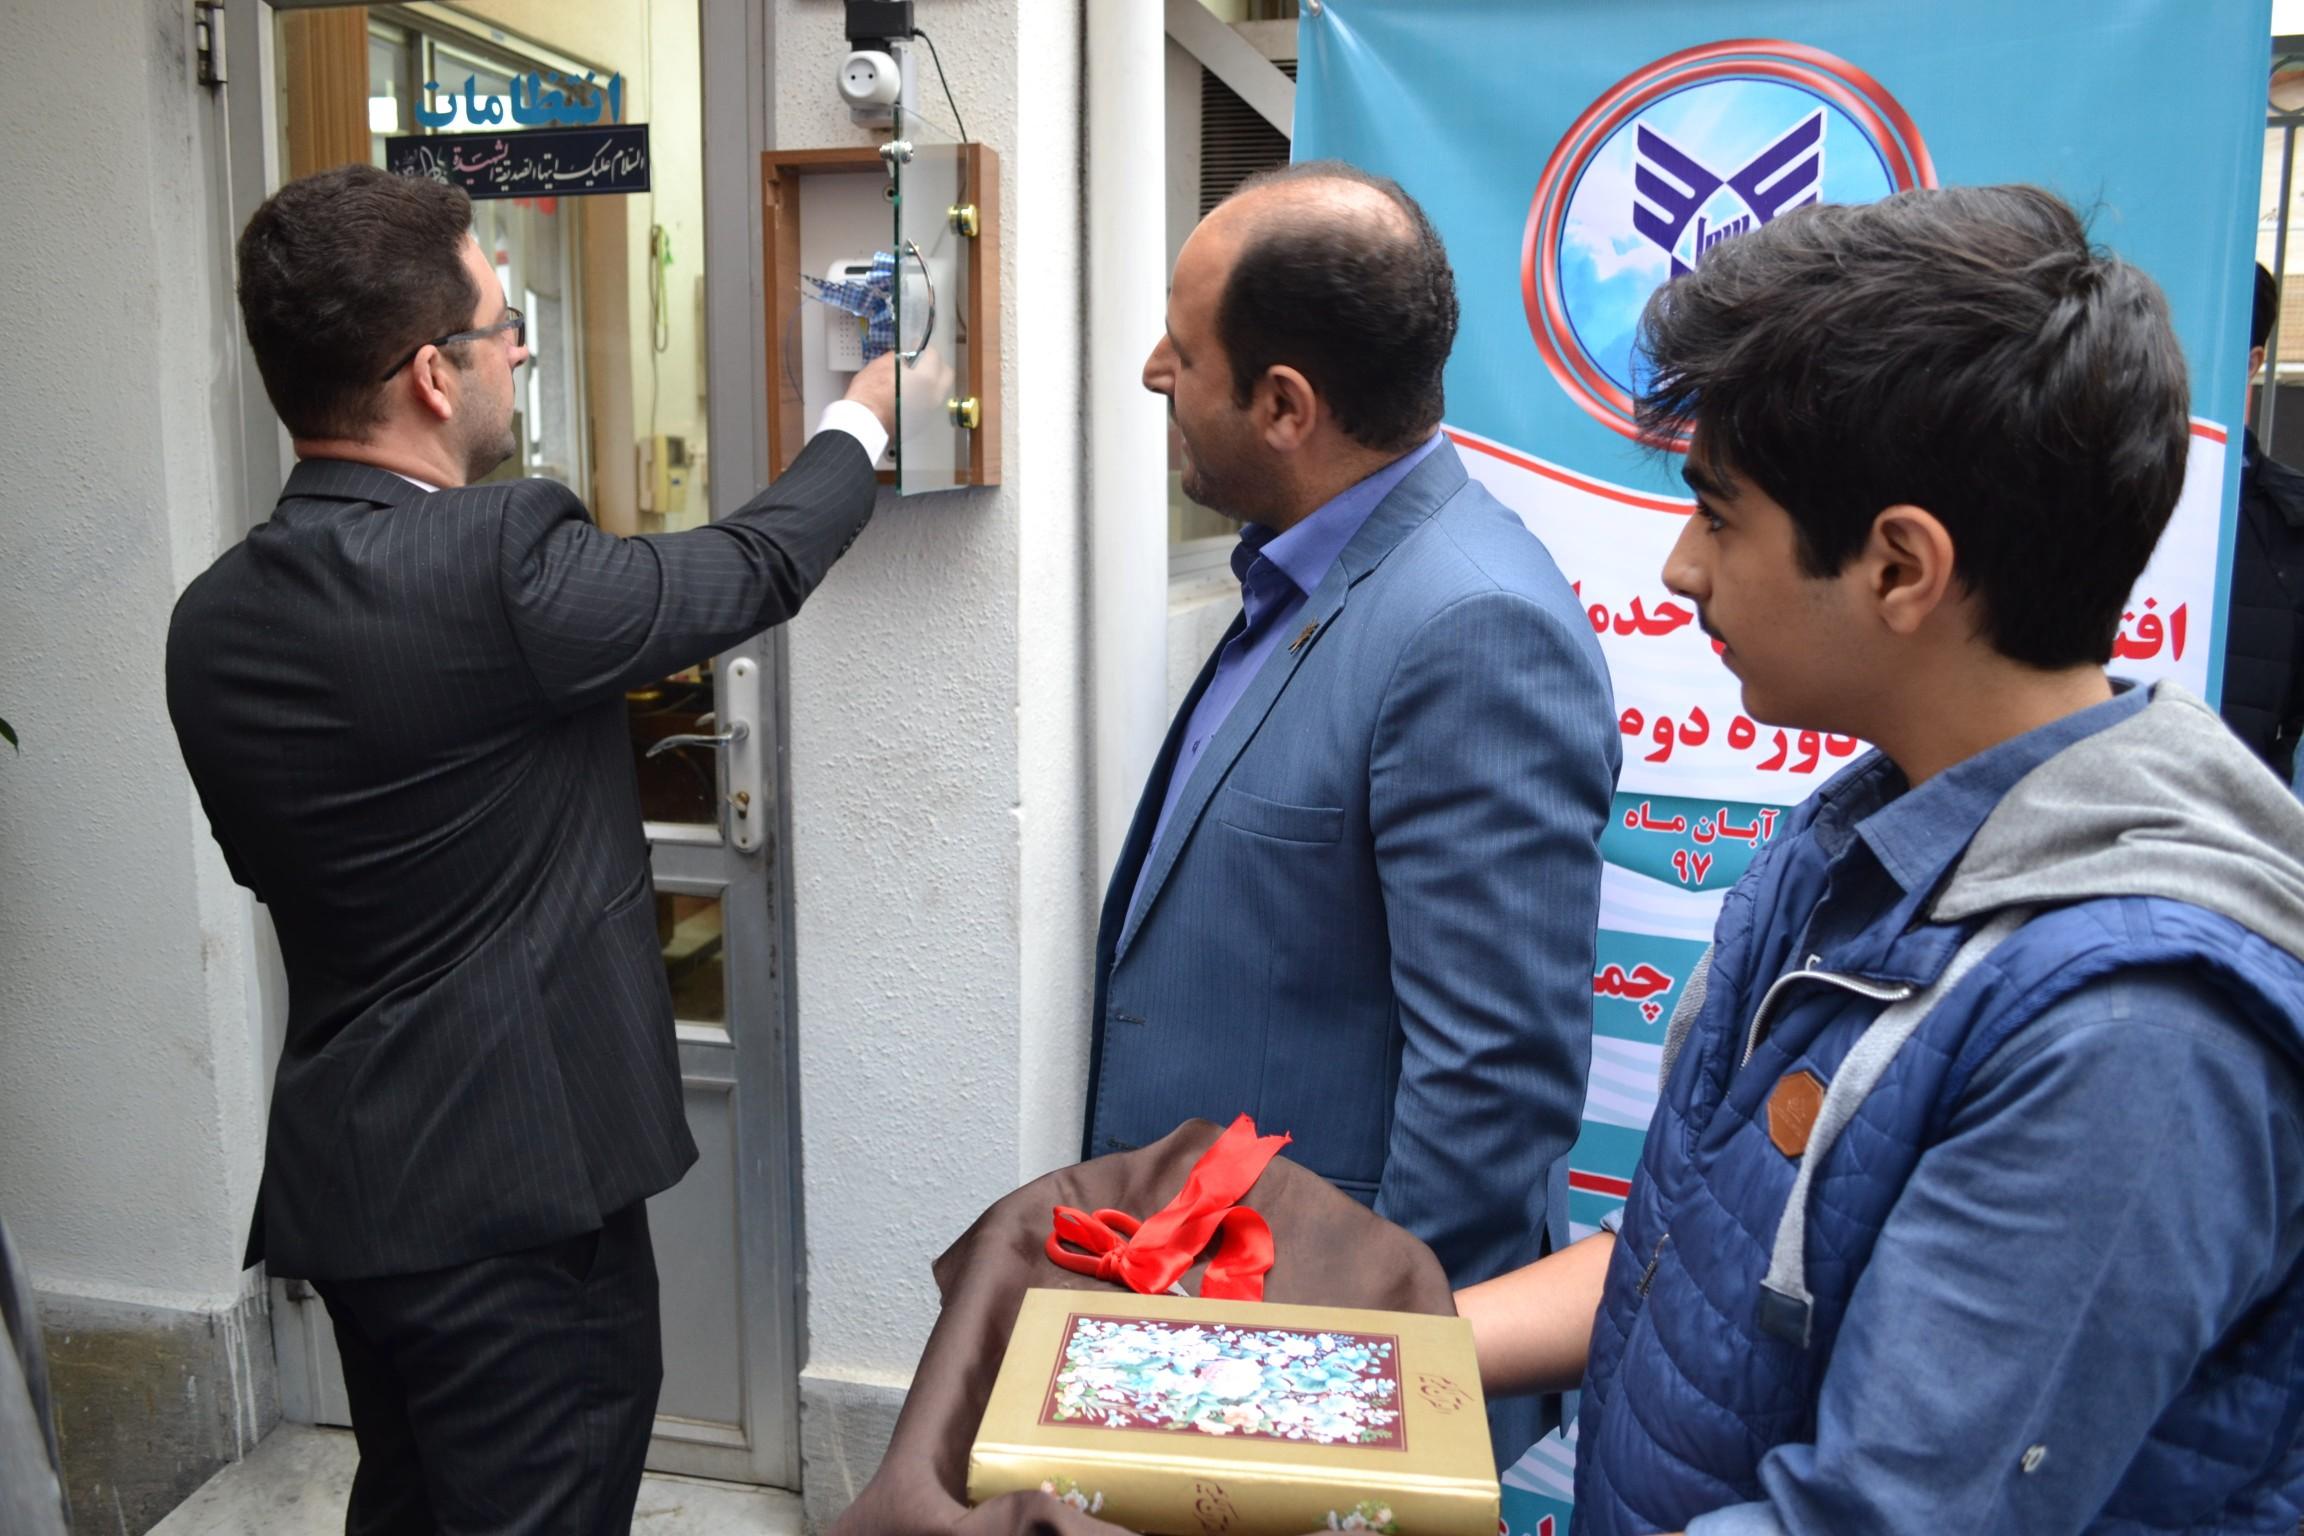 افتتاح پروژه های عمرانی +سما واحد رشت